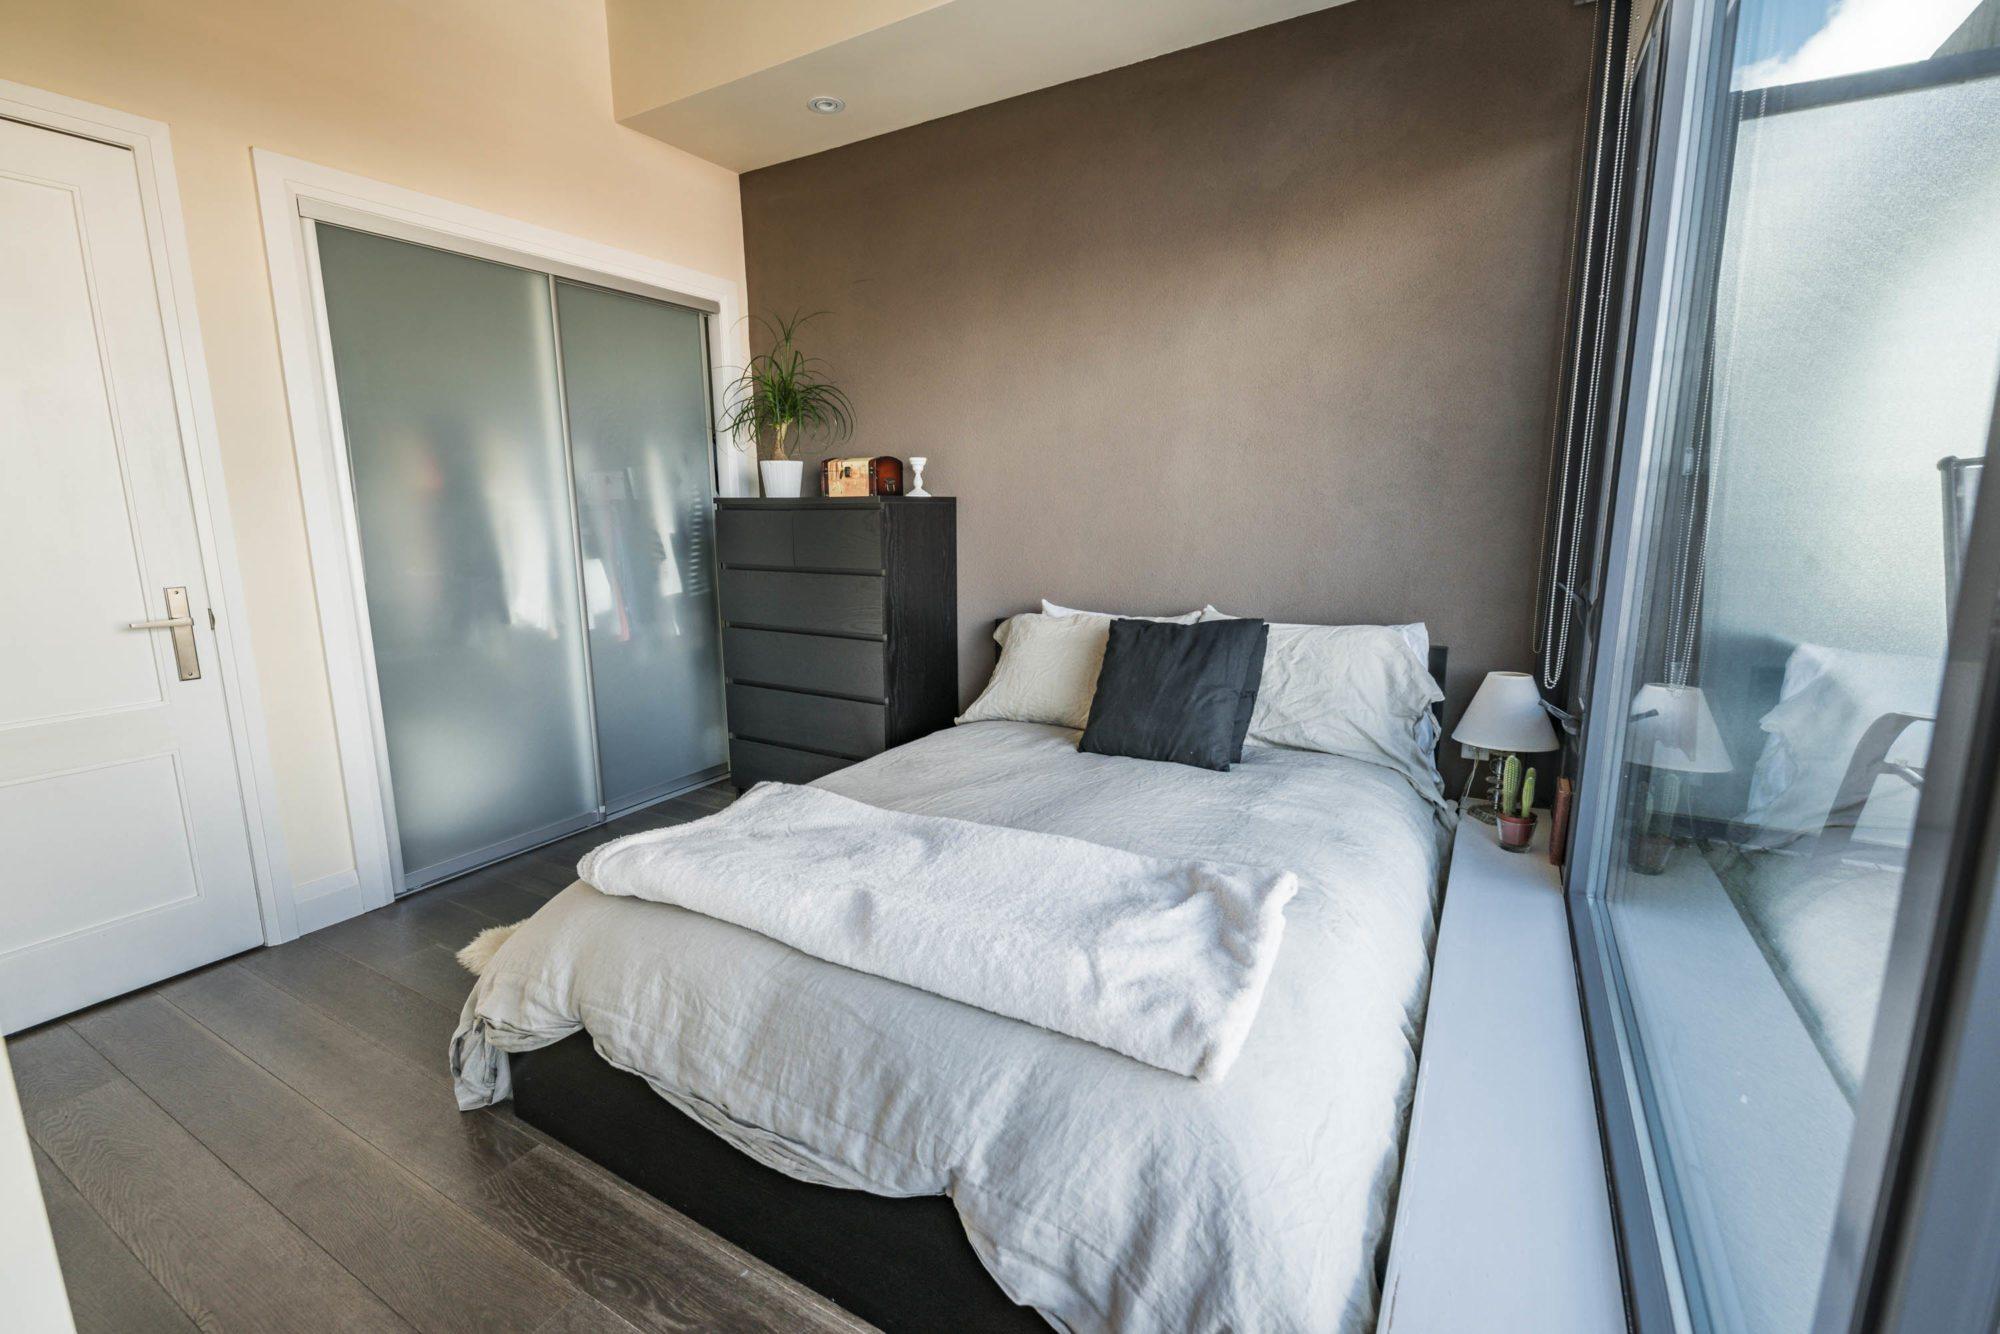 toronto-condo-for-rent-138-princess-street-5